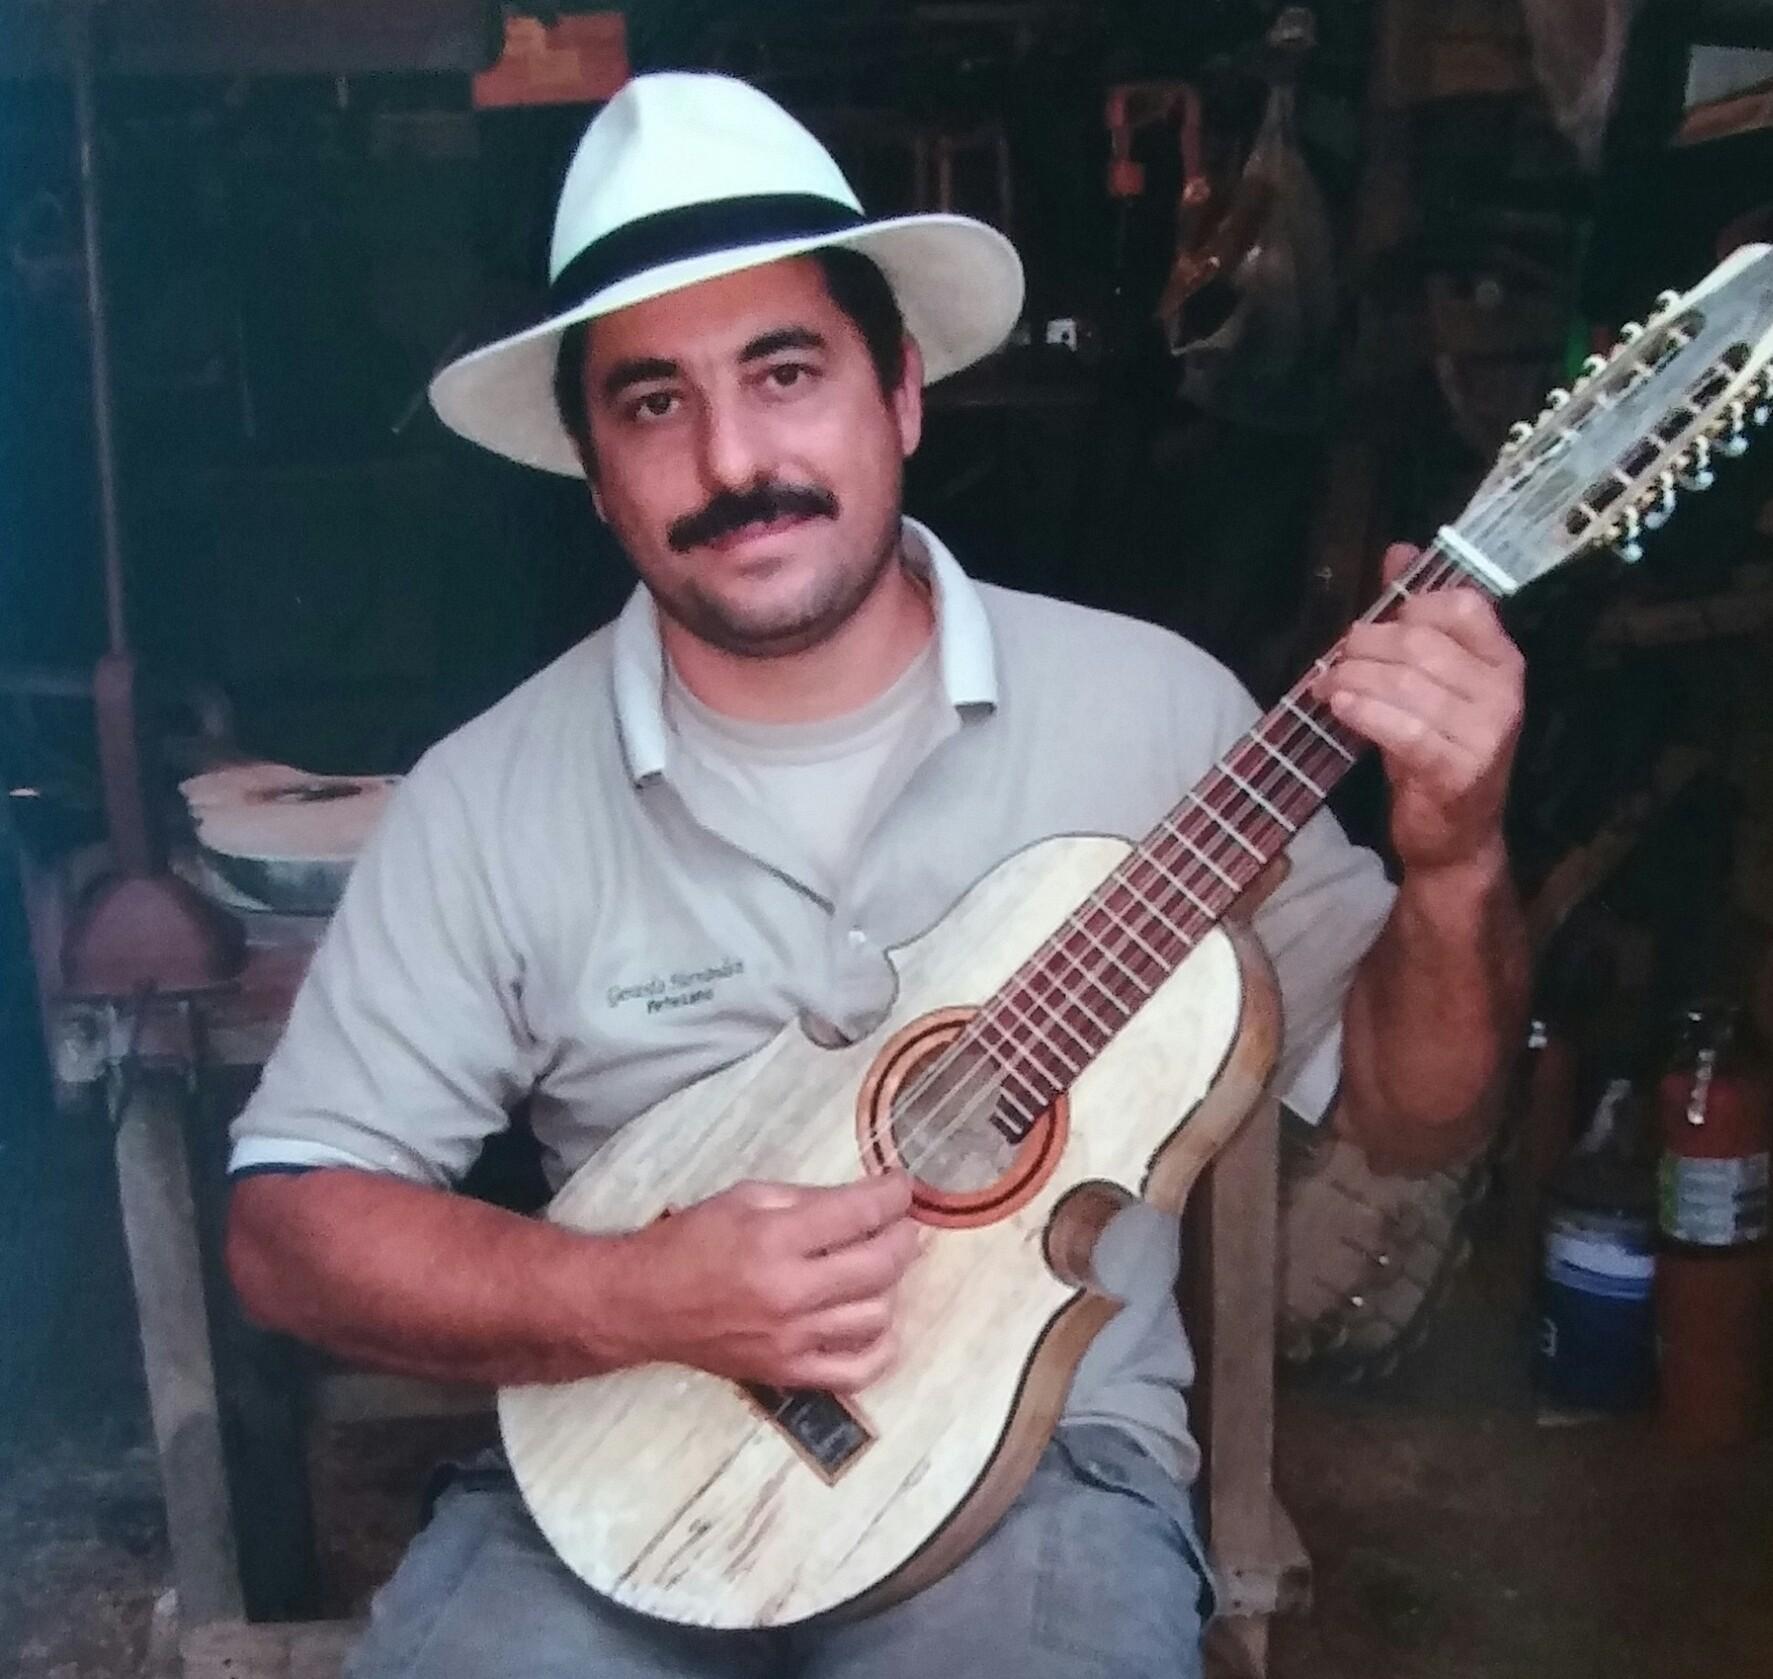 El artesano Gerardo Hernández , quien dictará una charla el próximo domingo 16 de agosto en el Museo de Artes Populares de Caguas.